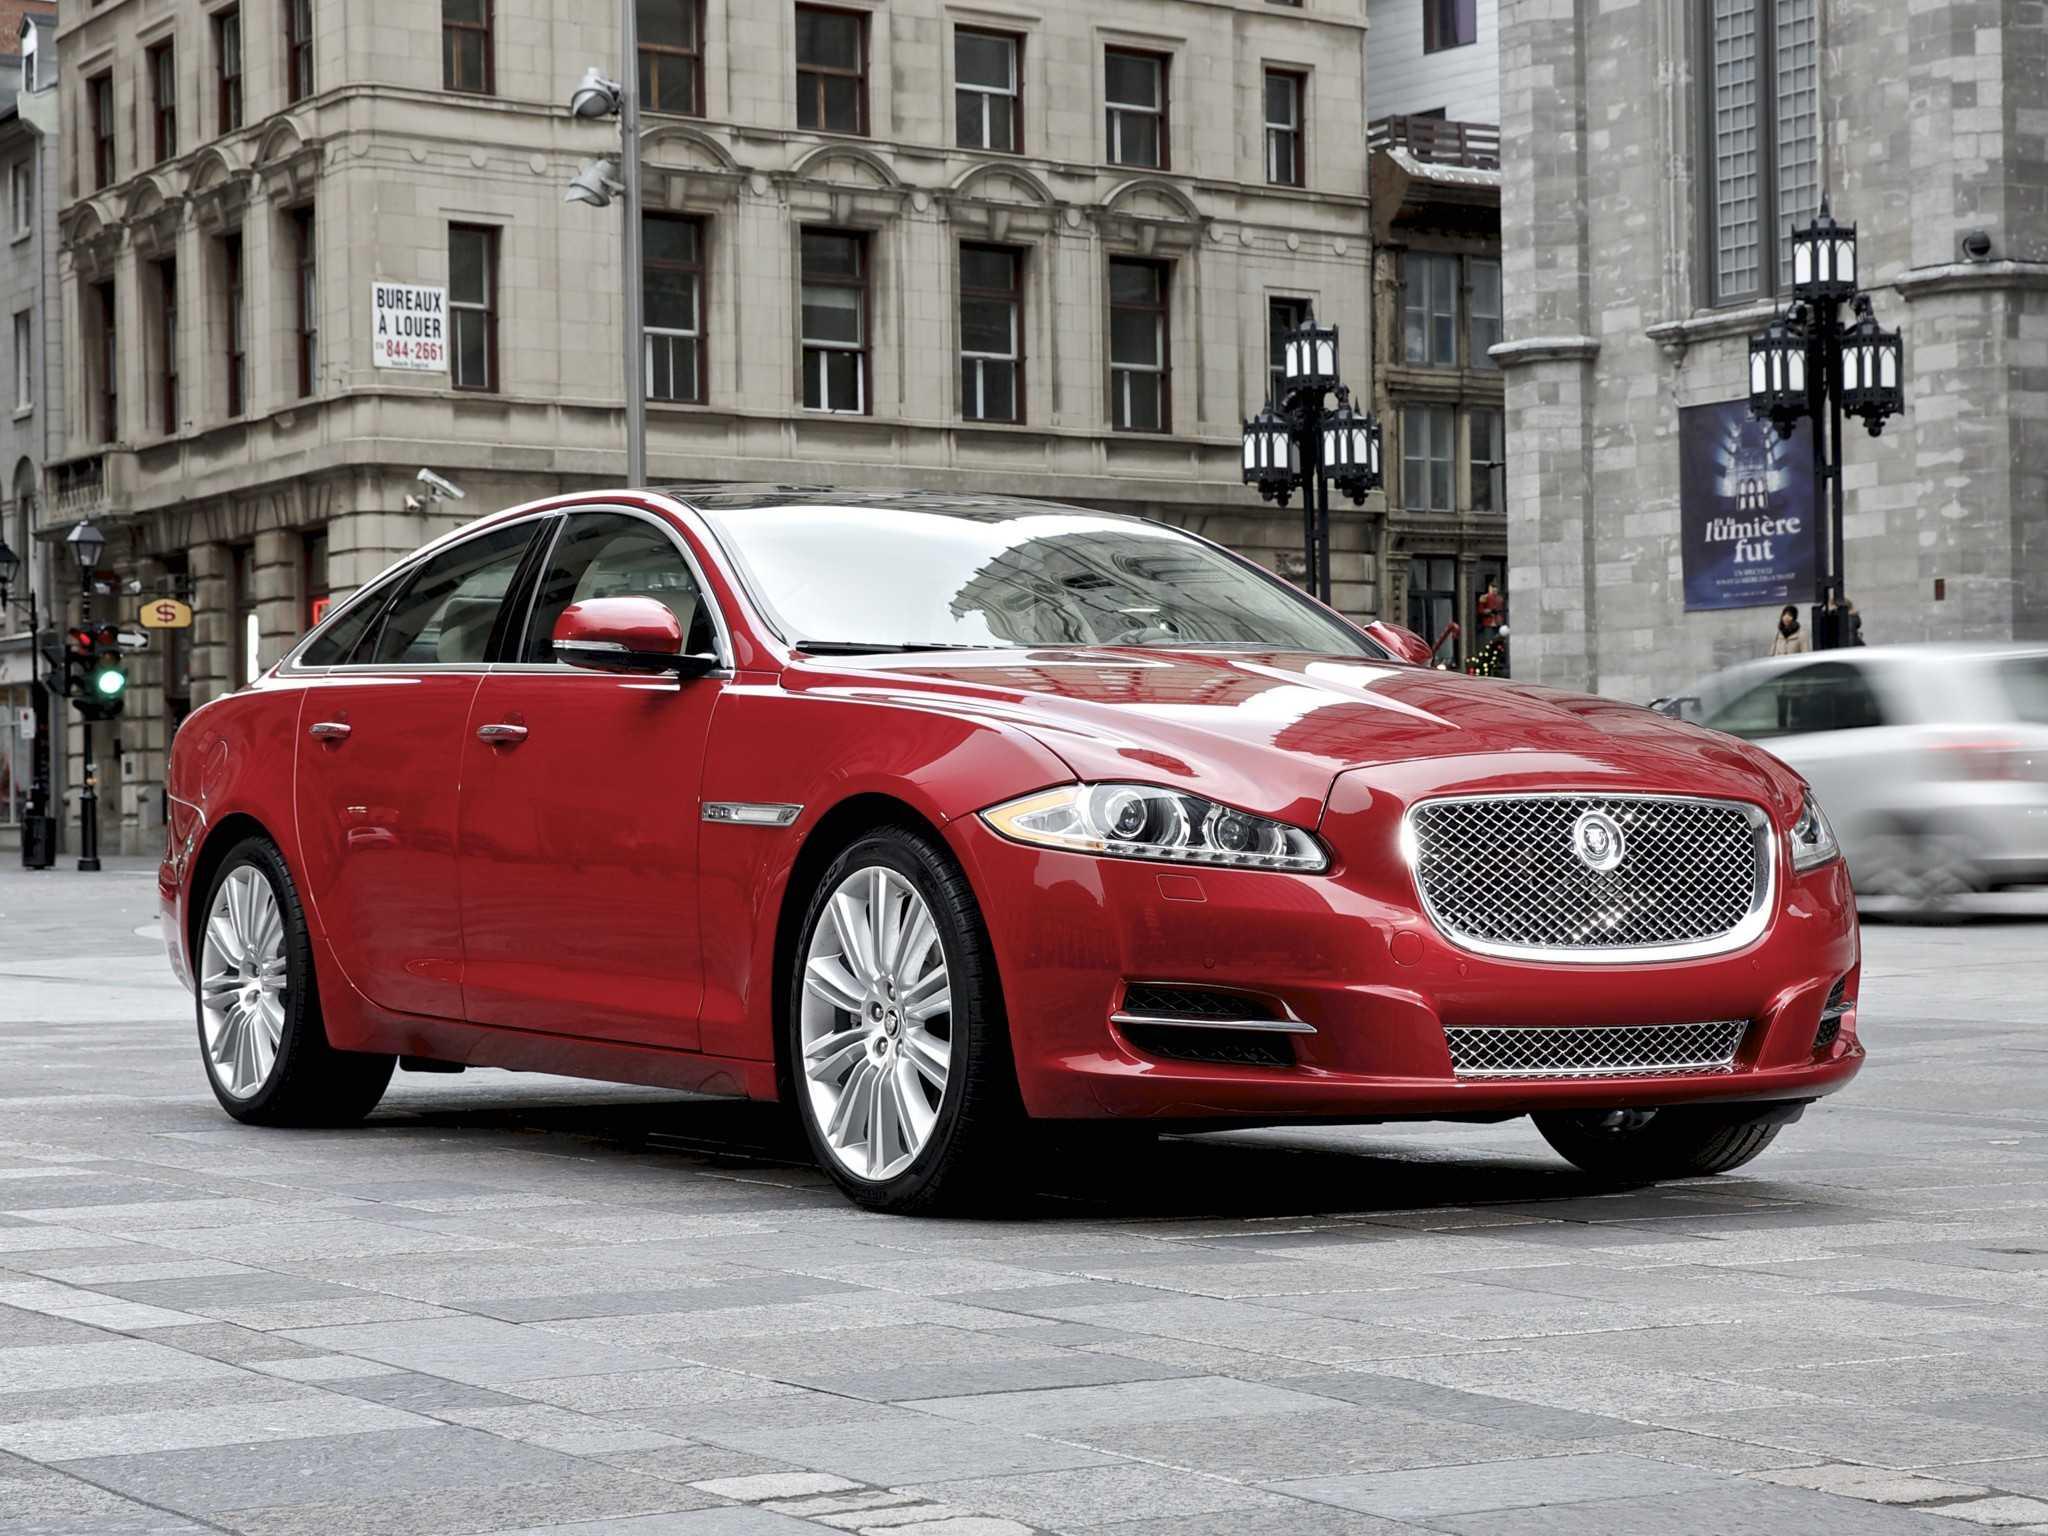 Jaguar xj рестайлинг 2016, 2017, 2018, 2019, 2020, седан, 9 поколение, x351 технические характеристики и комплектации